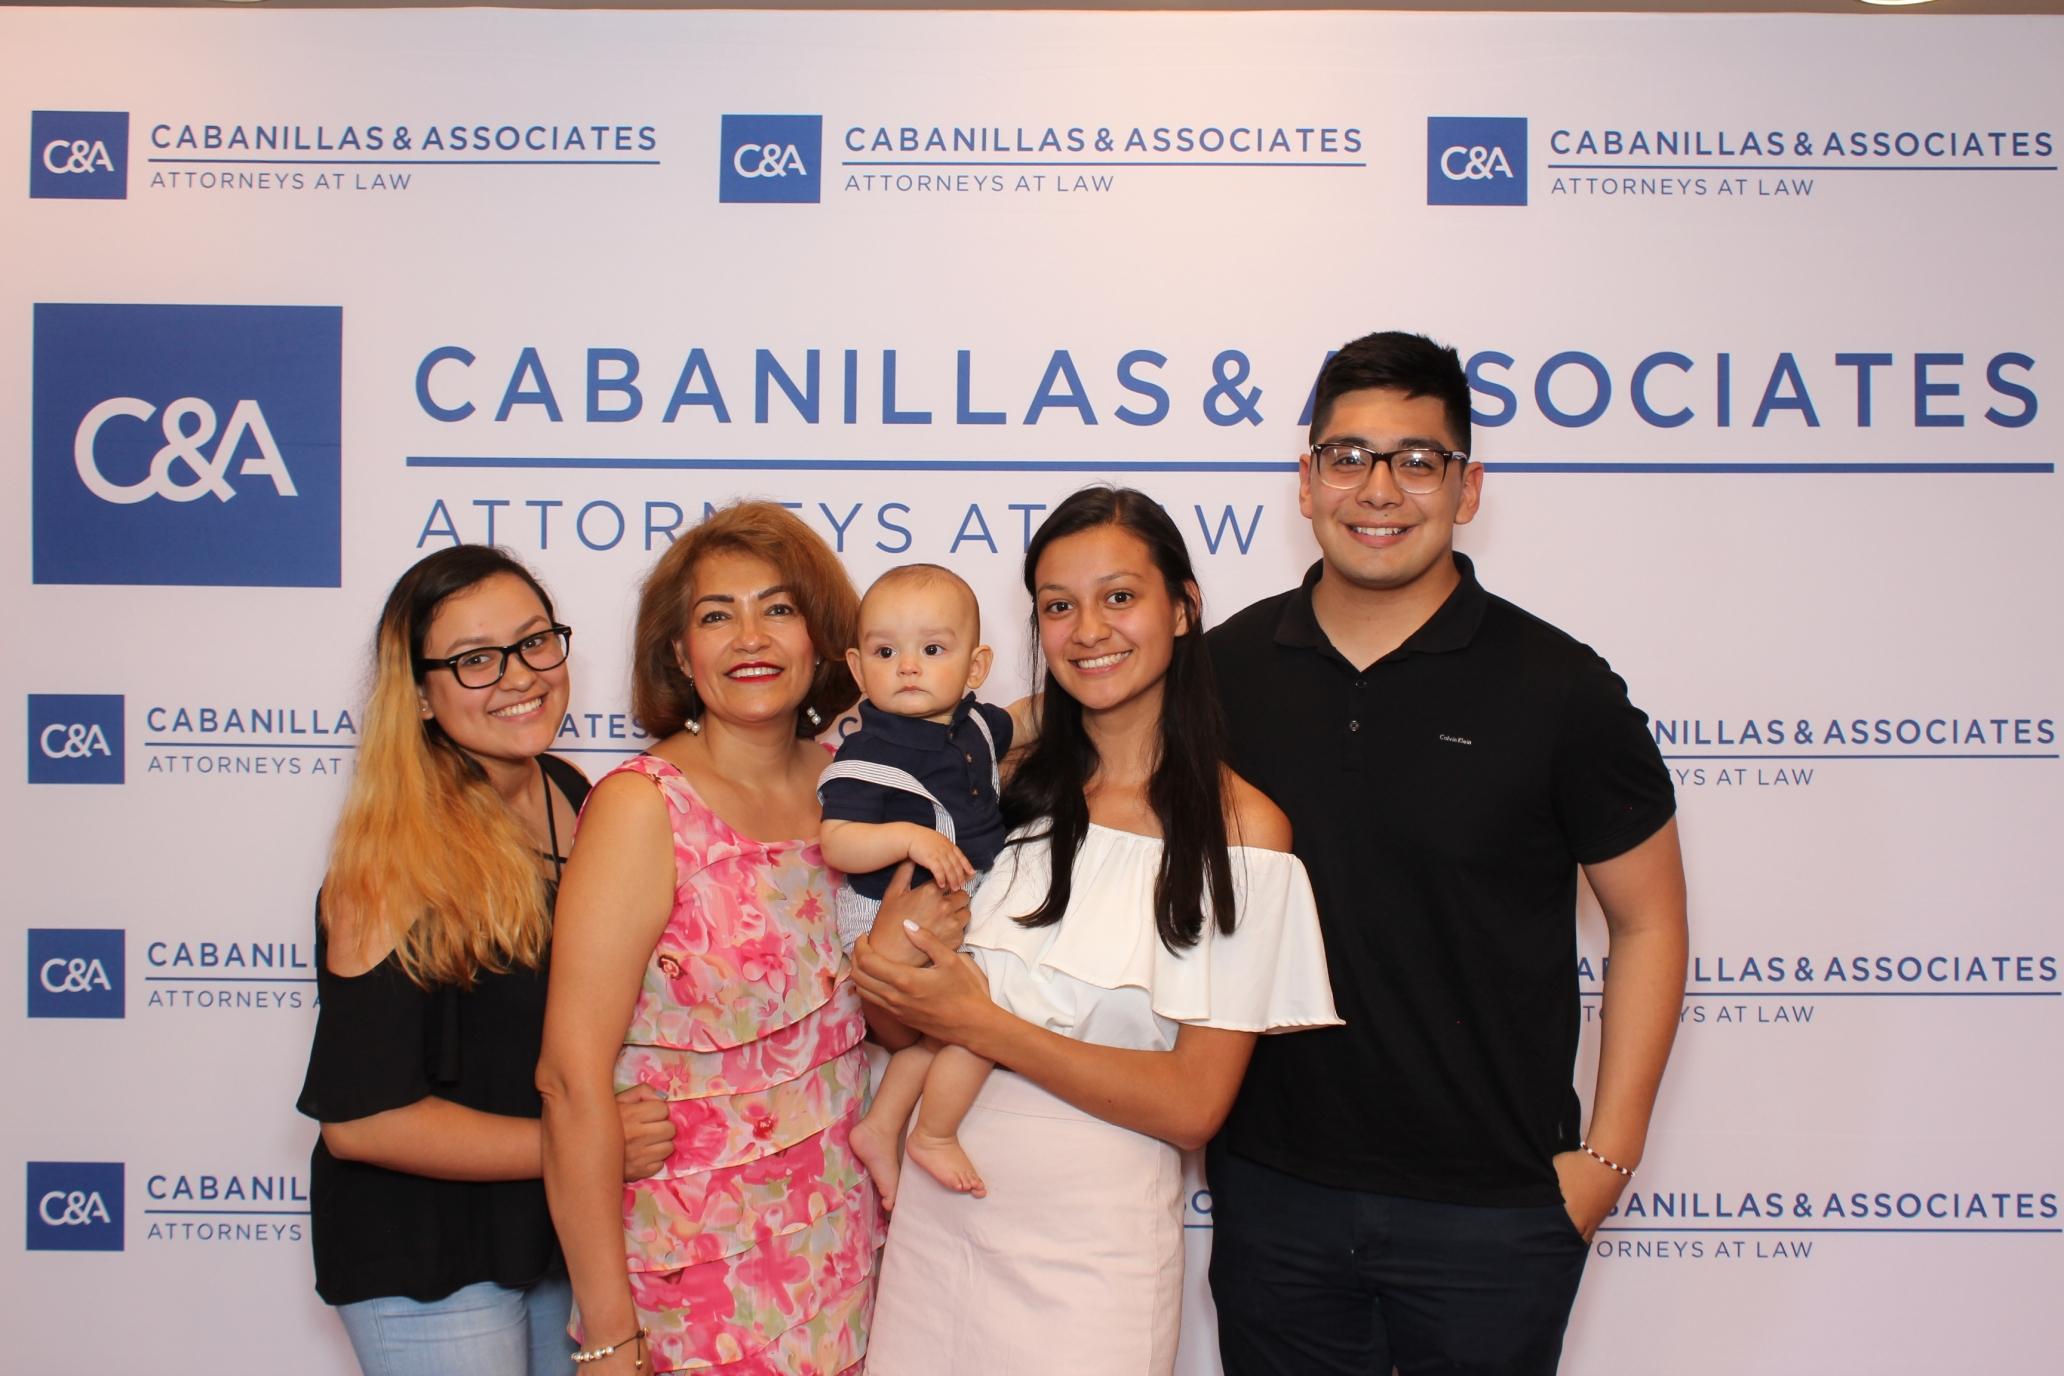 Cabanillas2018_2018-06-14_18-32-01.jpg